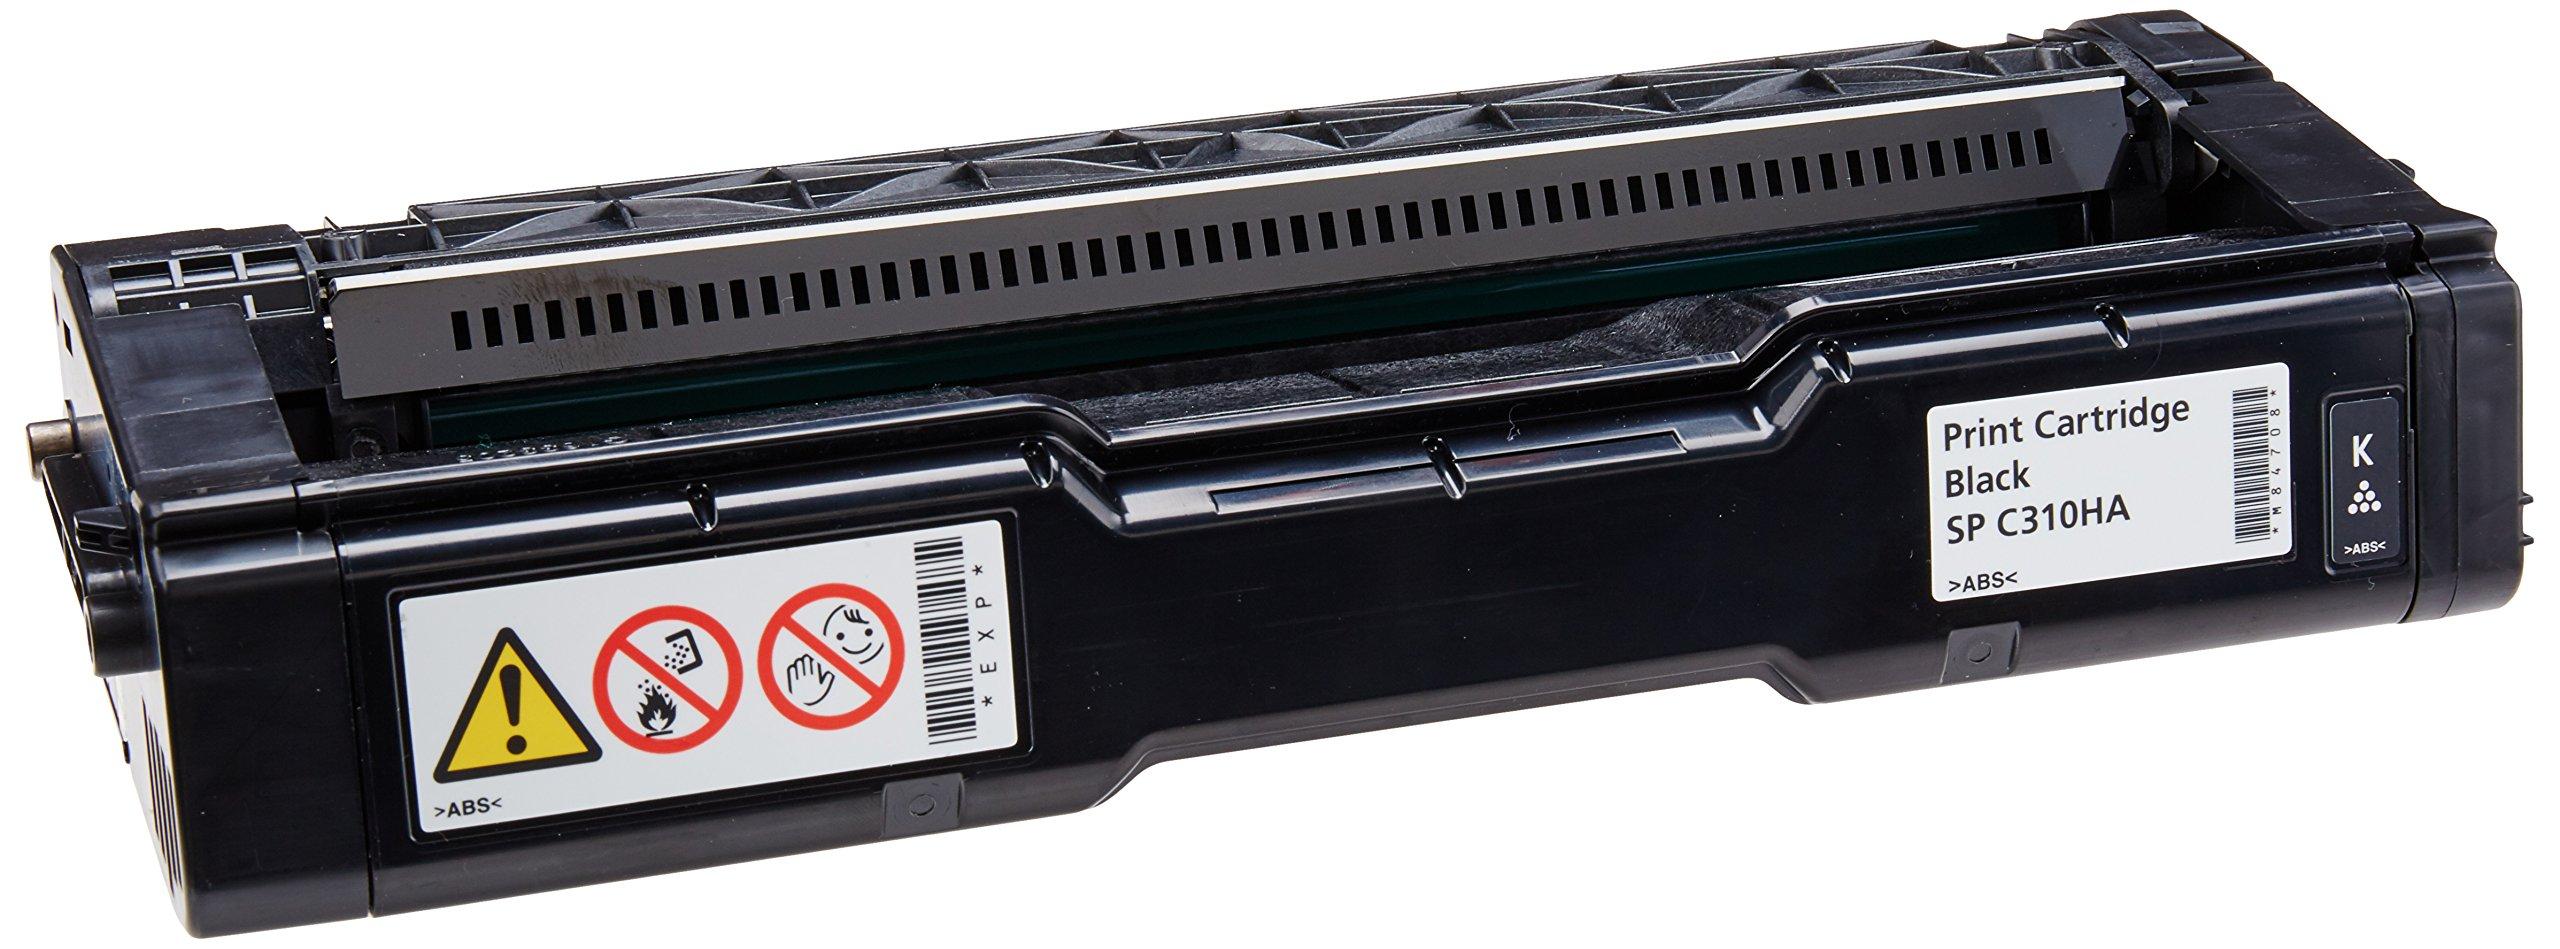 Toner Original RICOH 406475 Black Print SP C310HA